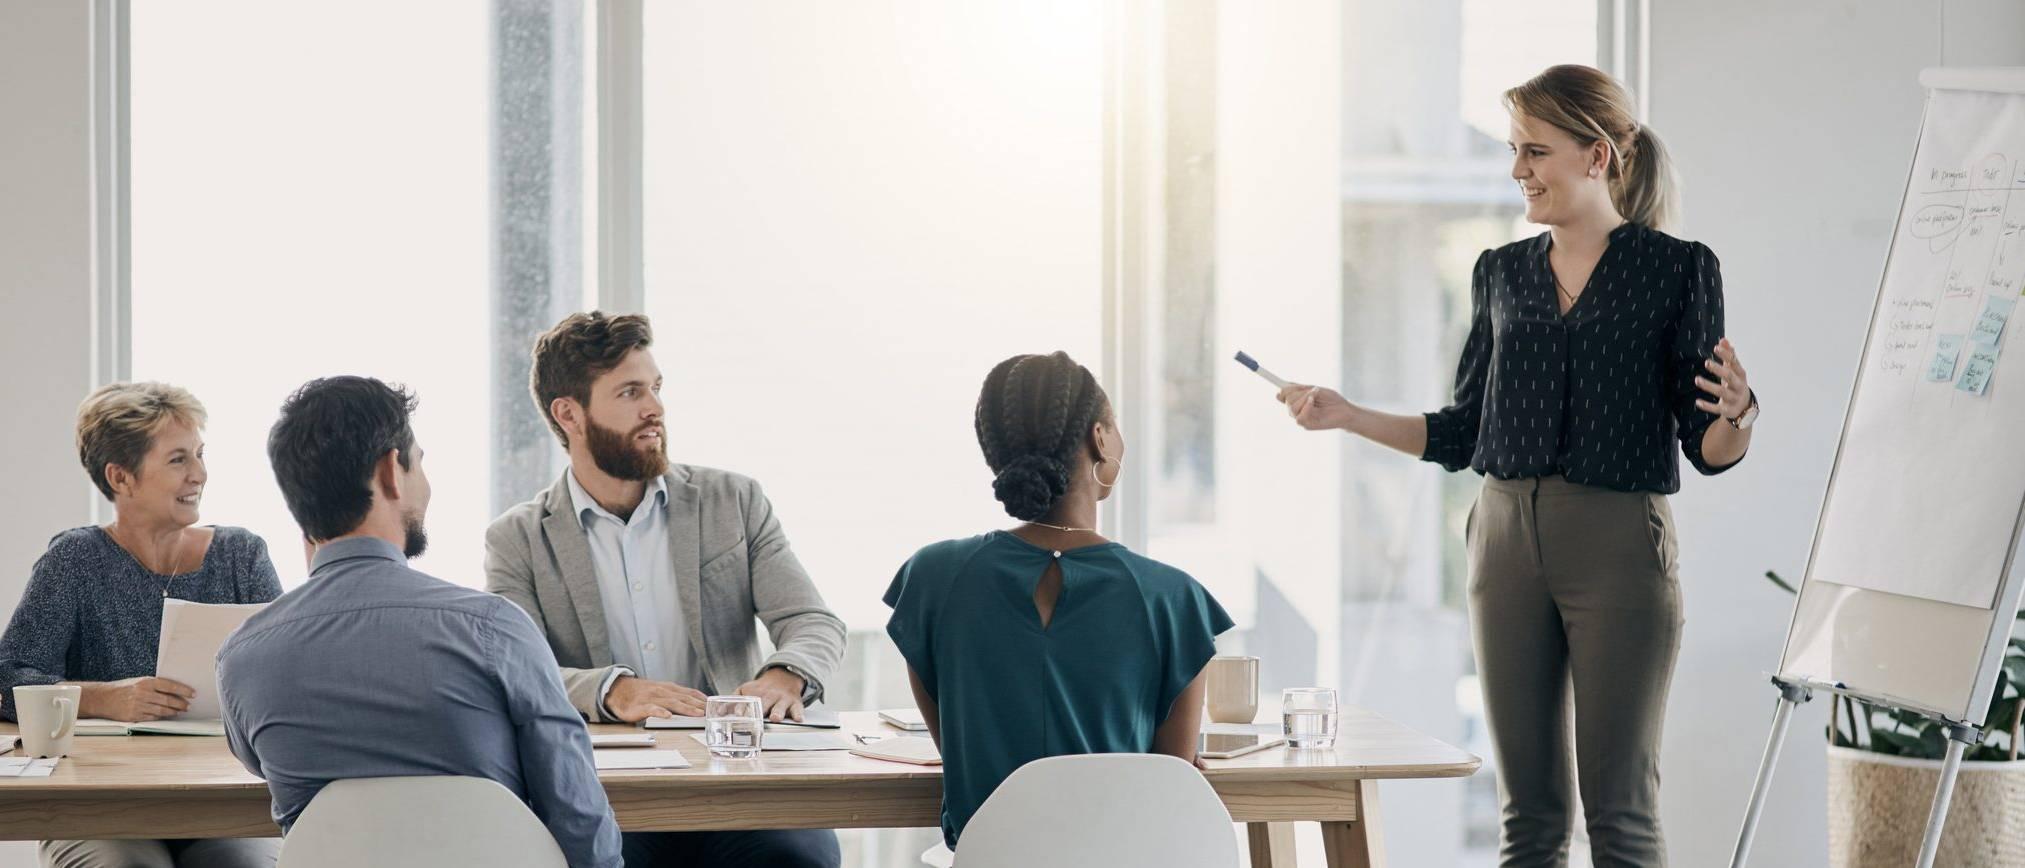 Femme donnant une formation à ses collègues